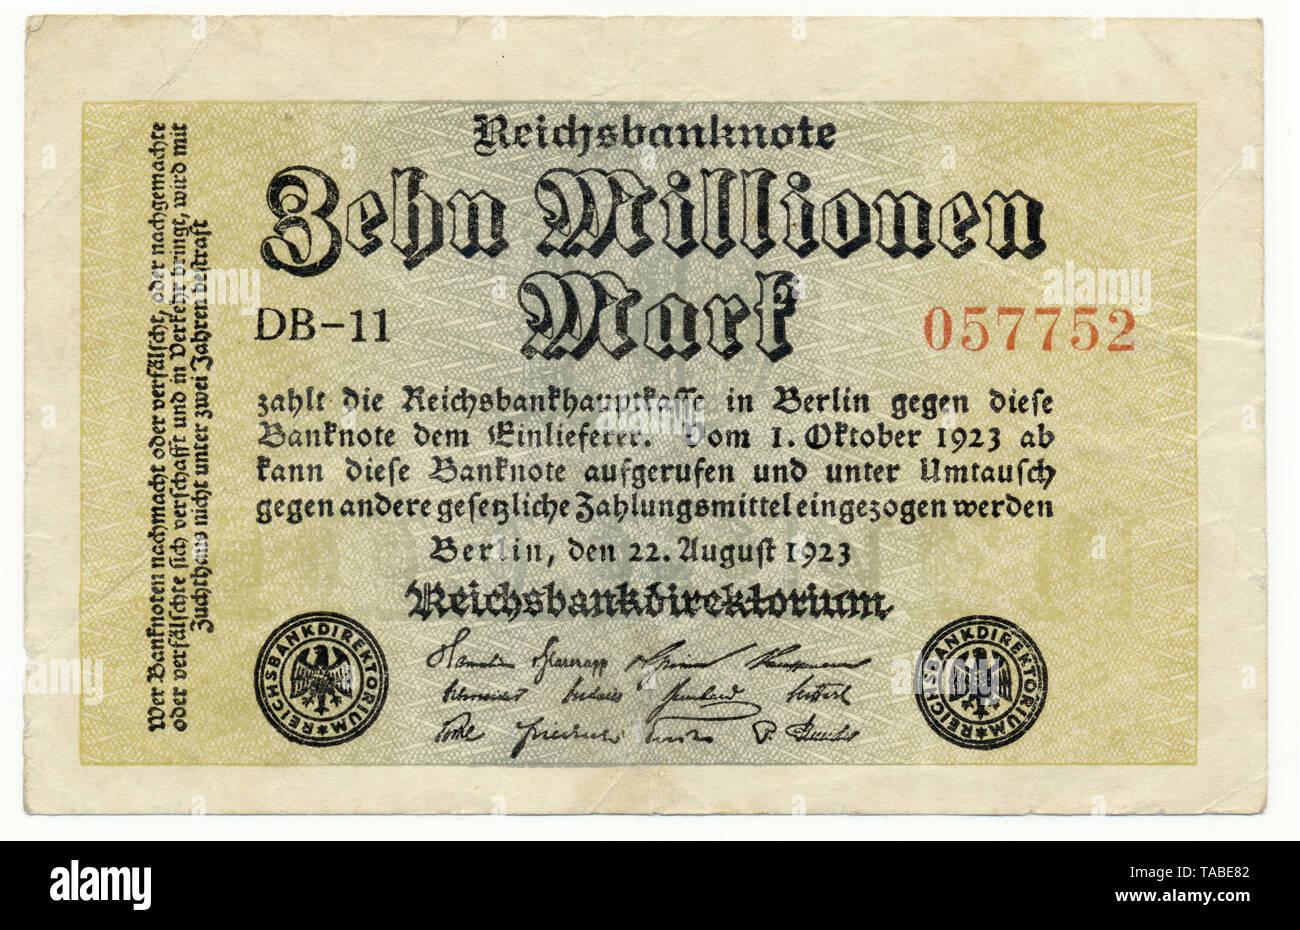 Vor der Reichsbank Banknote, Vorderseite einer Banknote, Reichsbanknote, 10 Millionen Mark, 1923, Inflationsgeld, Deutschland, Europa Stockbild